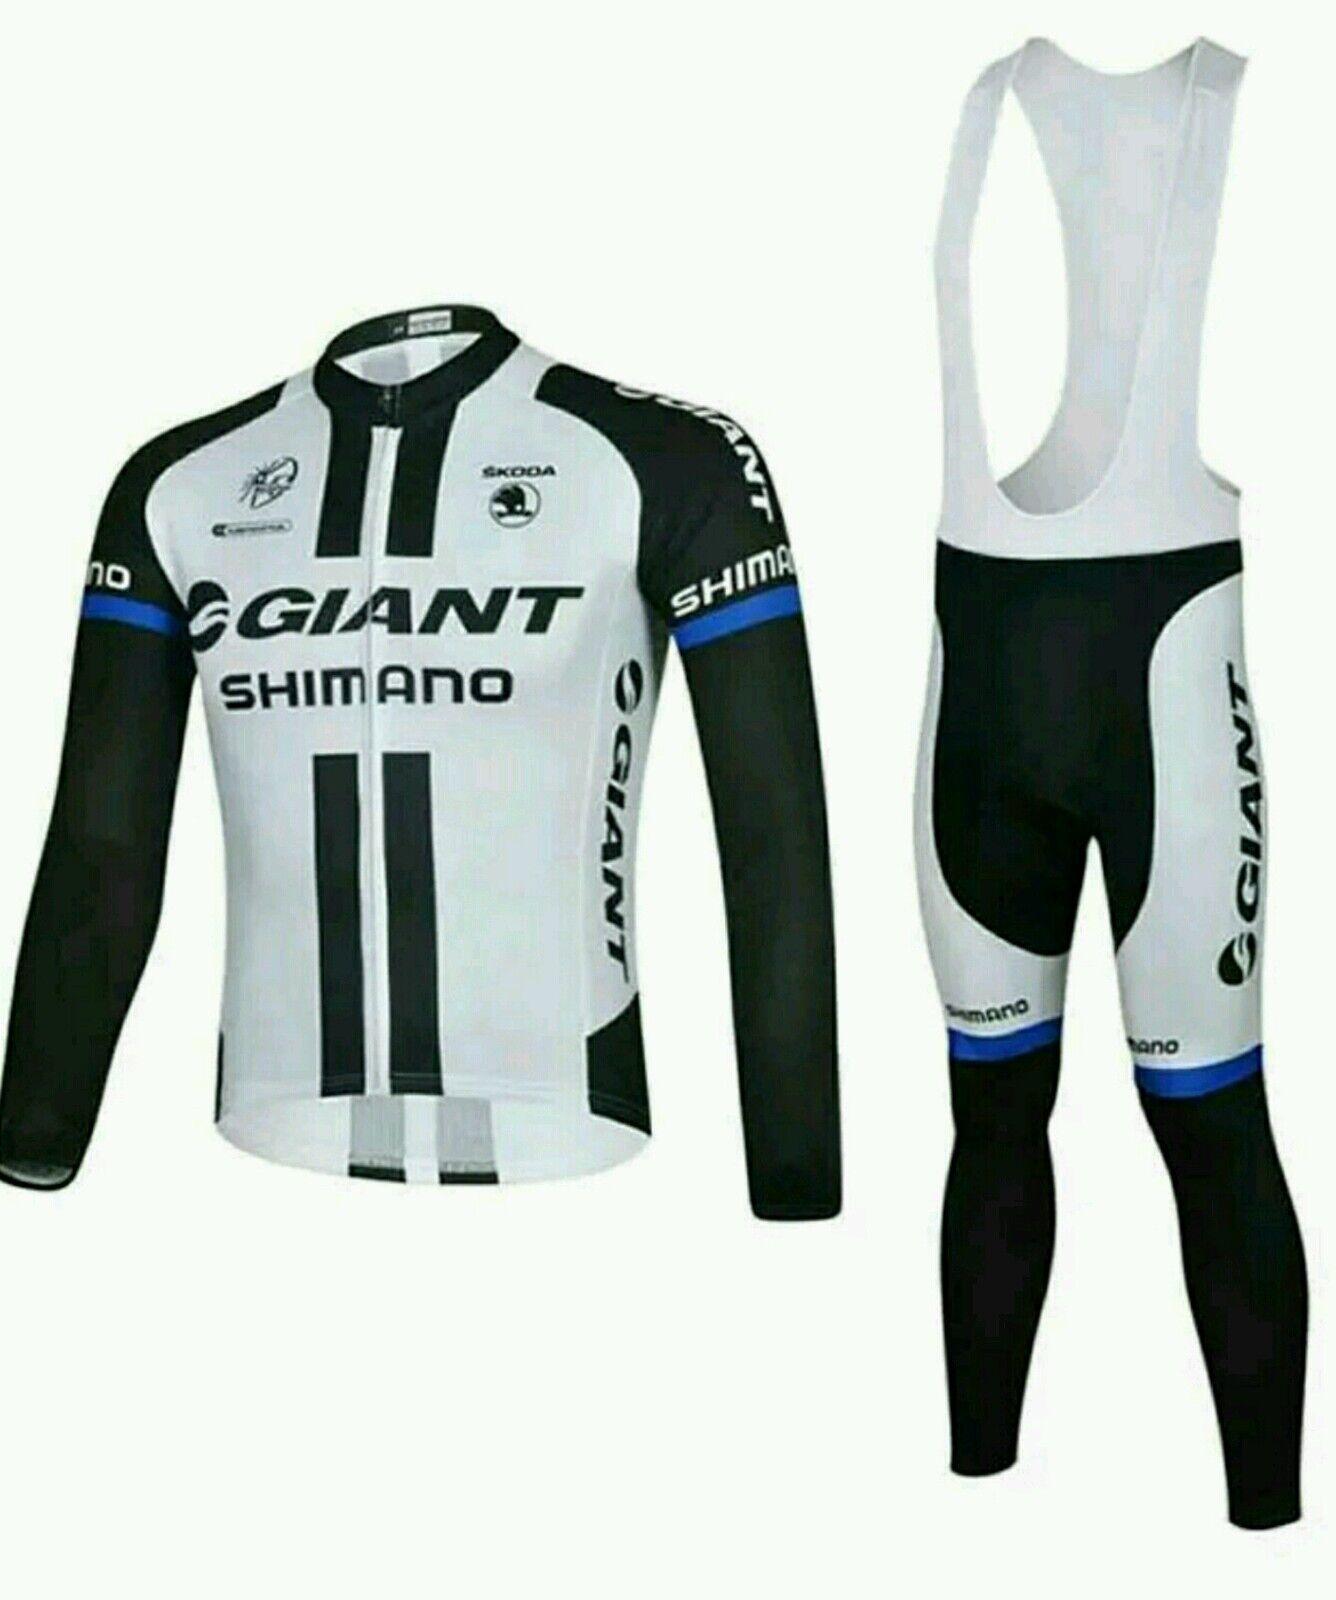 Cycling jersey ciclismo completo da ciclismo jersey invernale e mezza stagione c74ca8